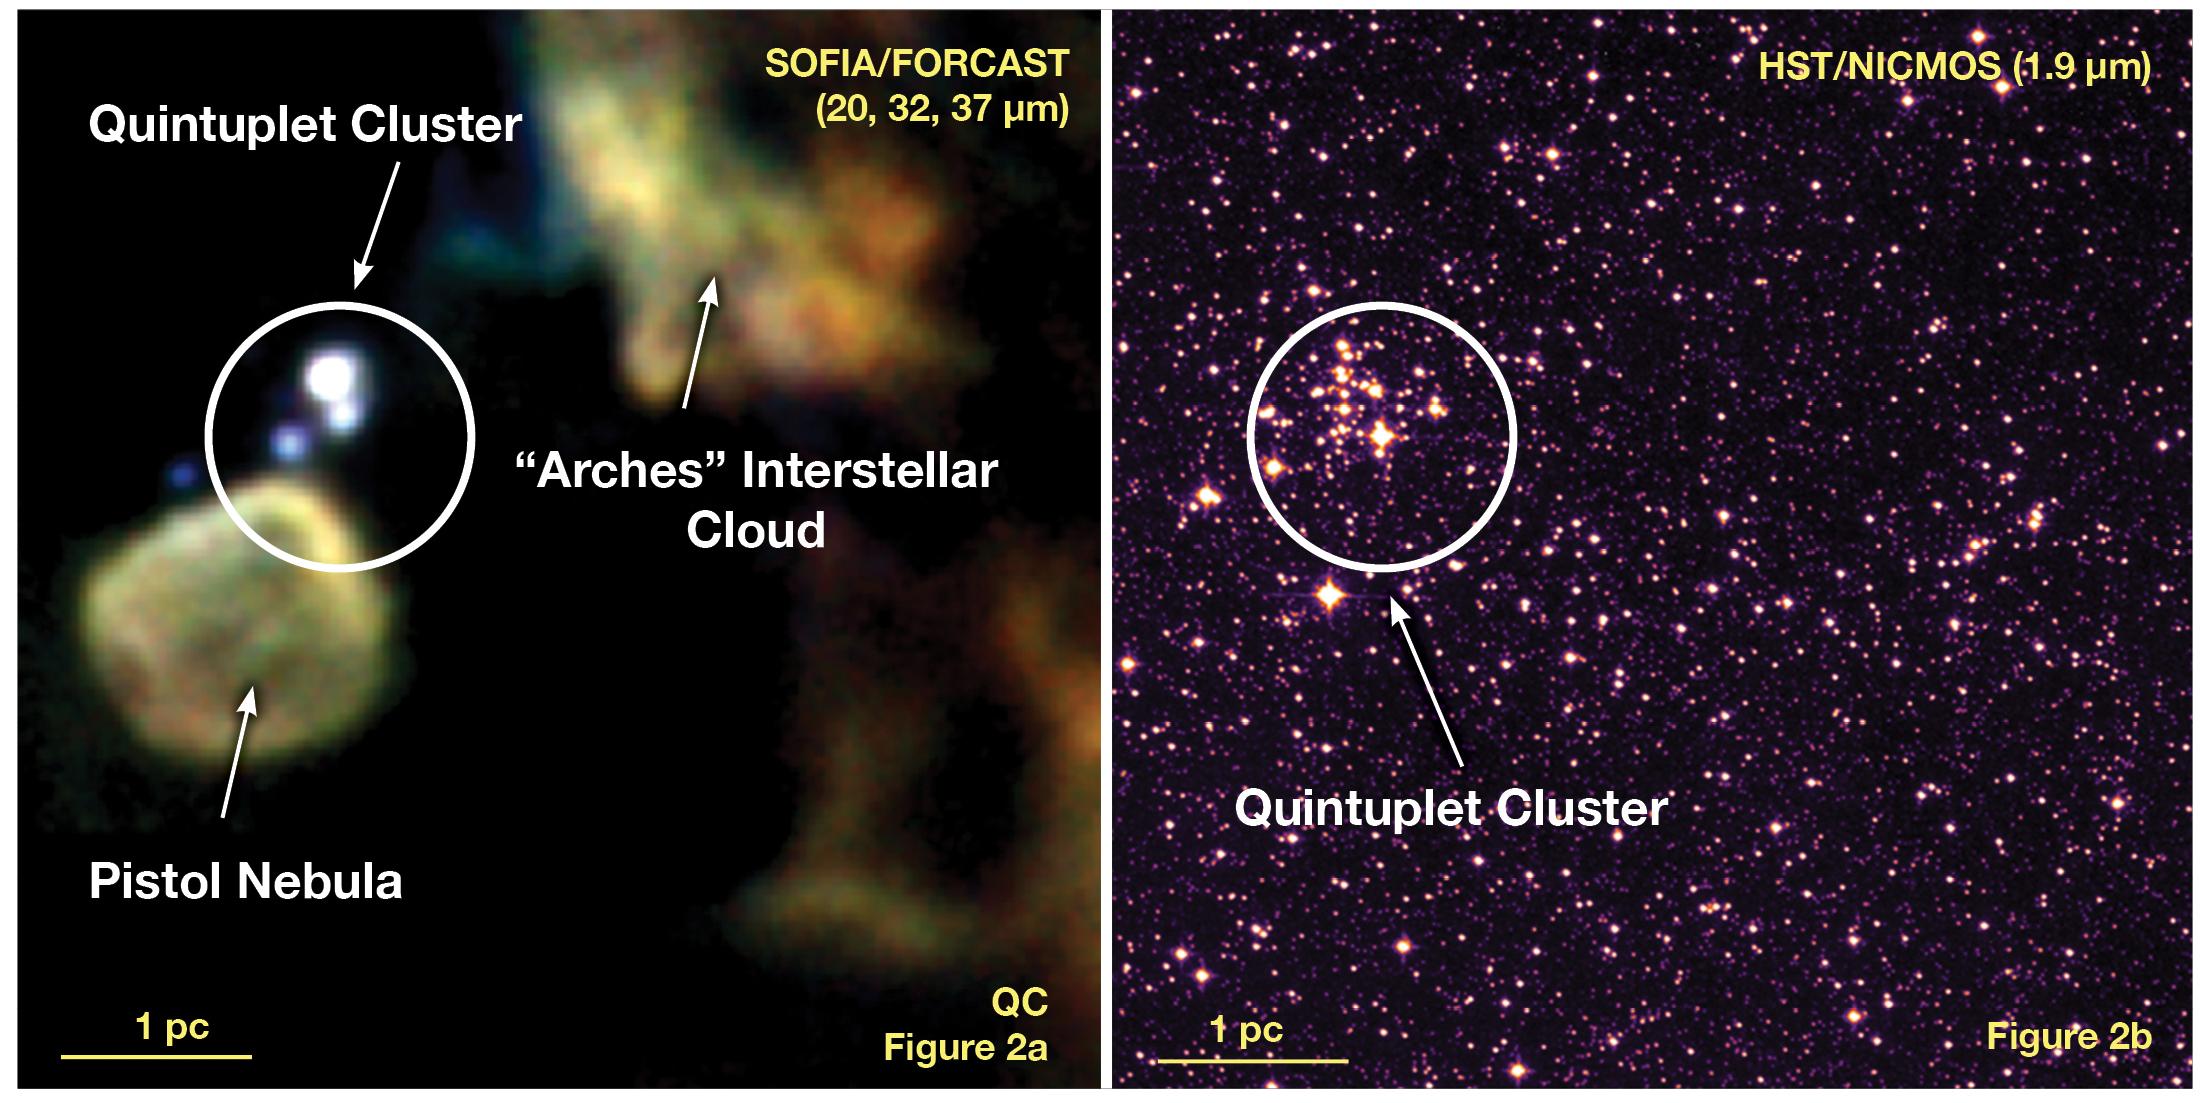 Quintuplet Cluster SOFIA Observation